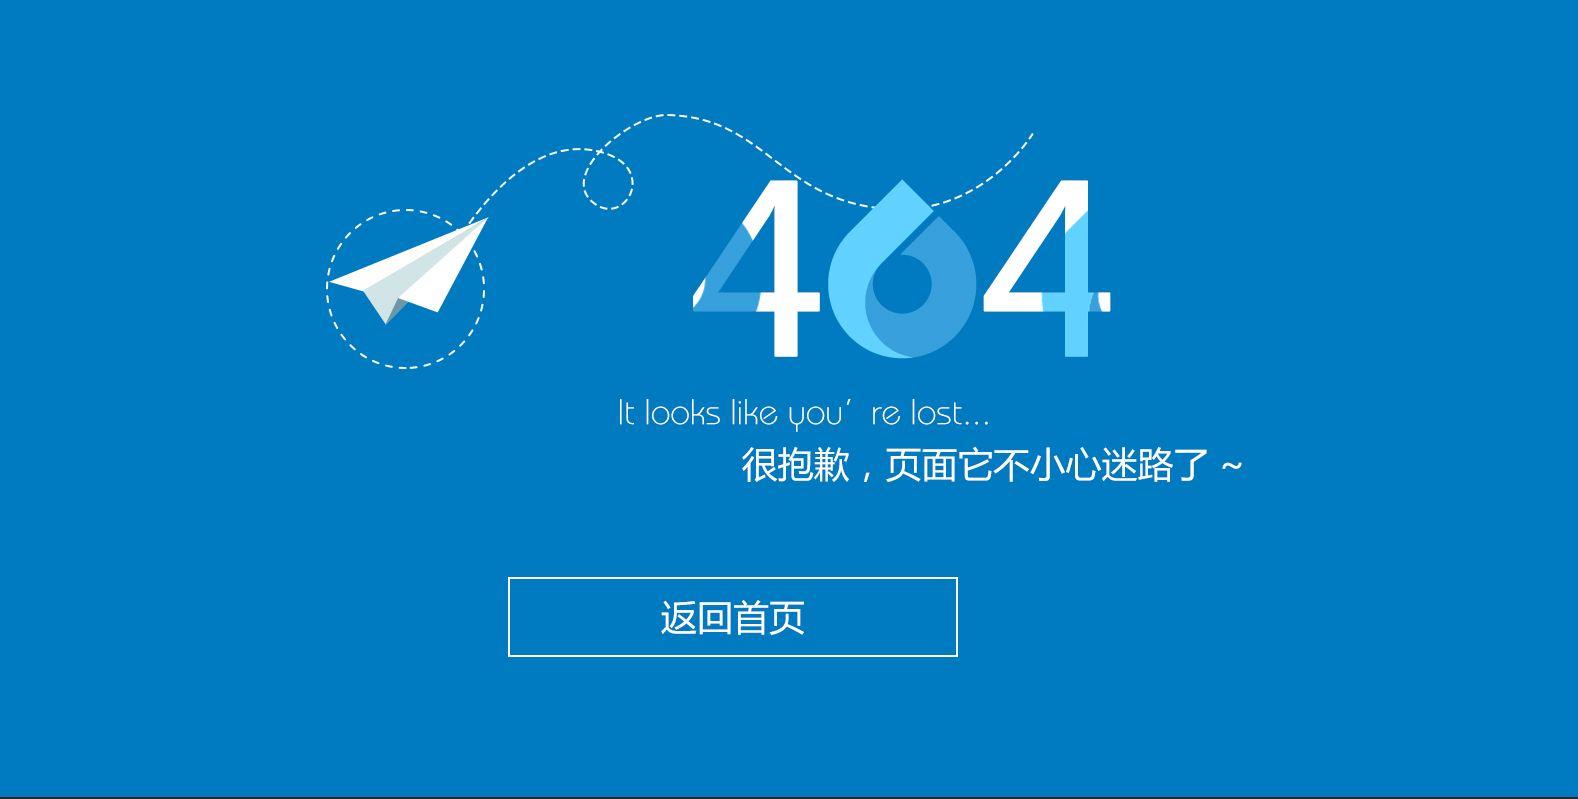 天企网络:网站404页面有什么用处?